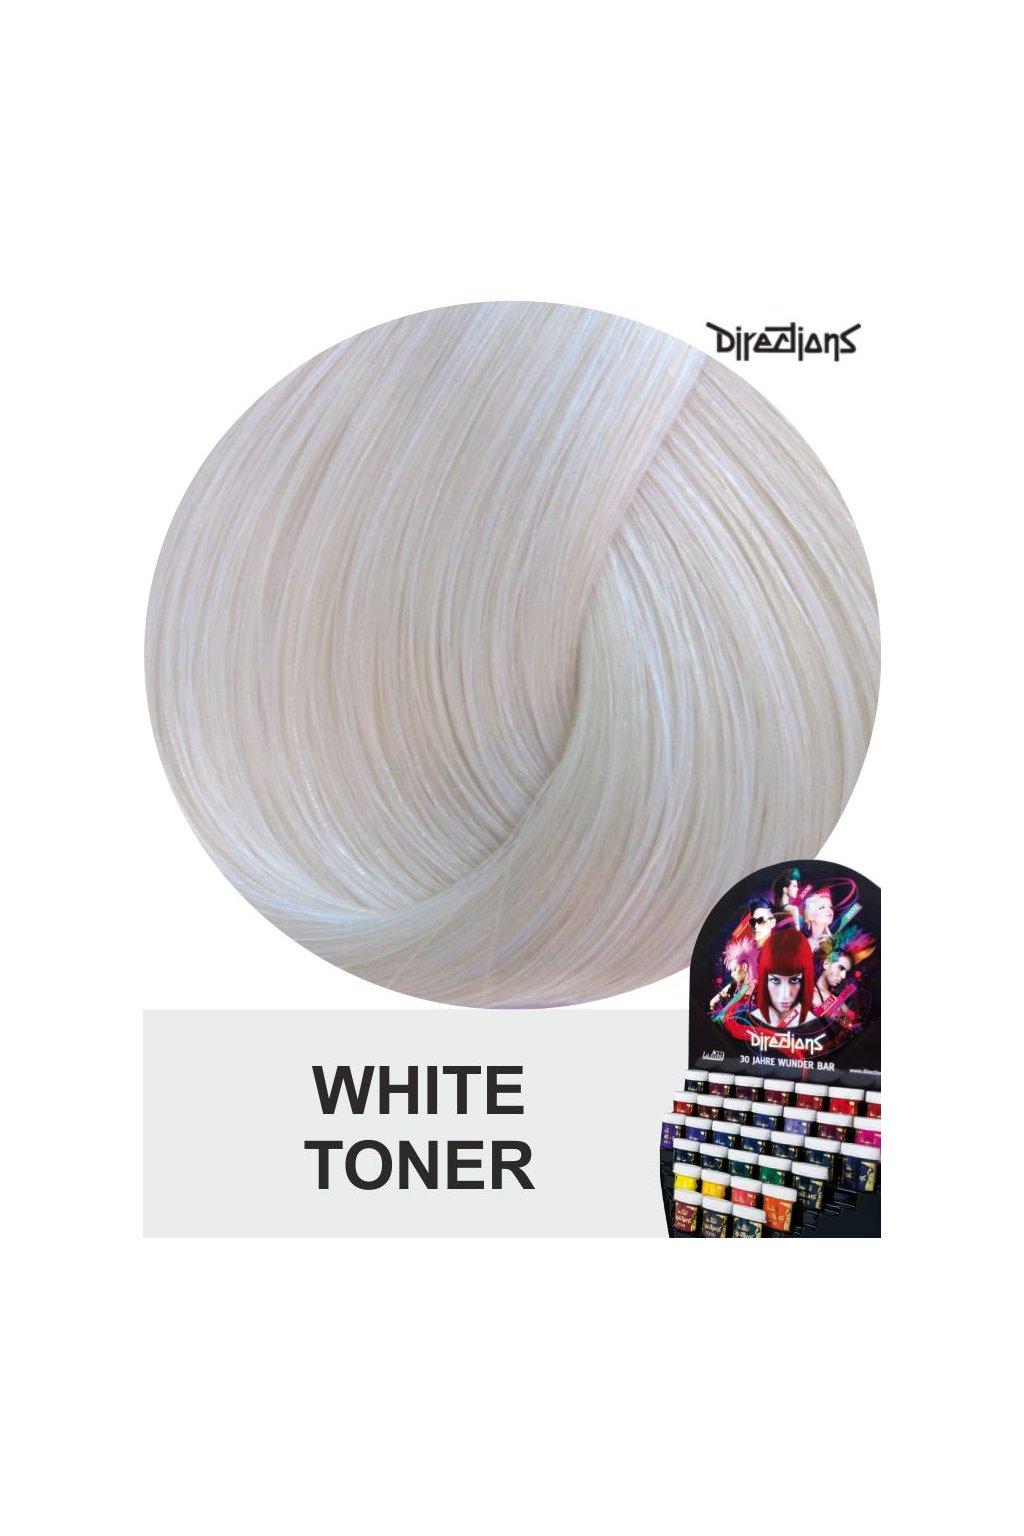 White Toner